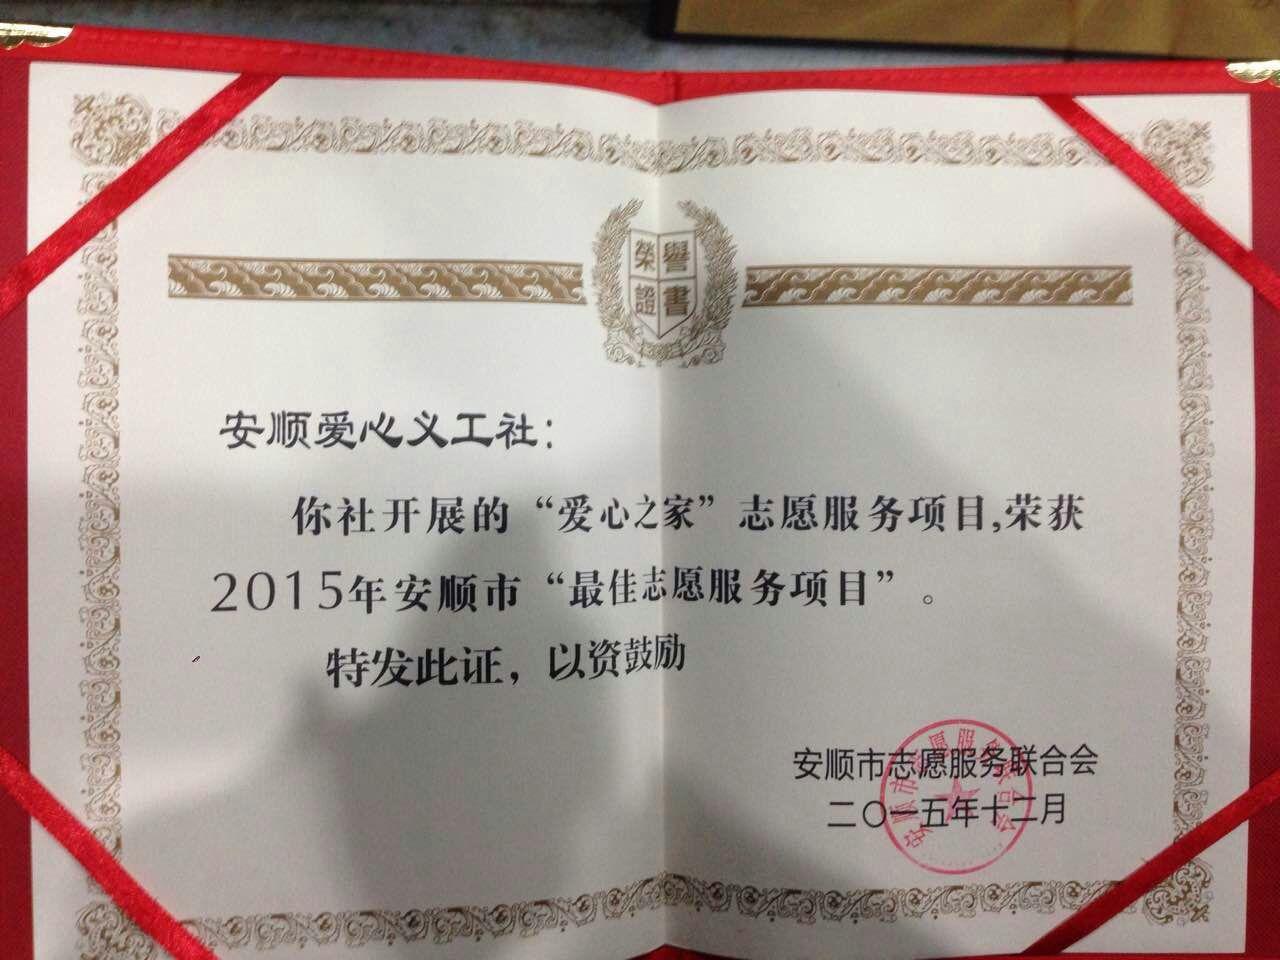 爱心社荣获2015年最佳志愿服务组织